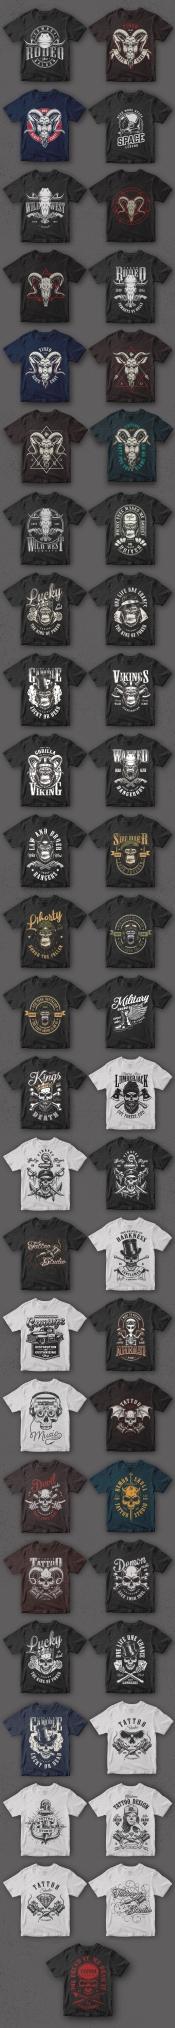 50 t-shirt designs